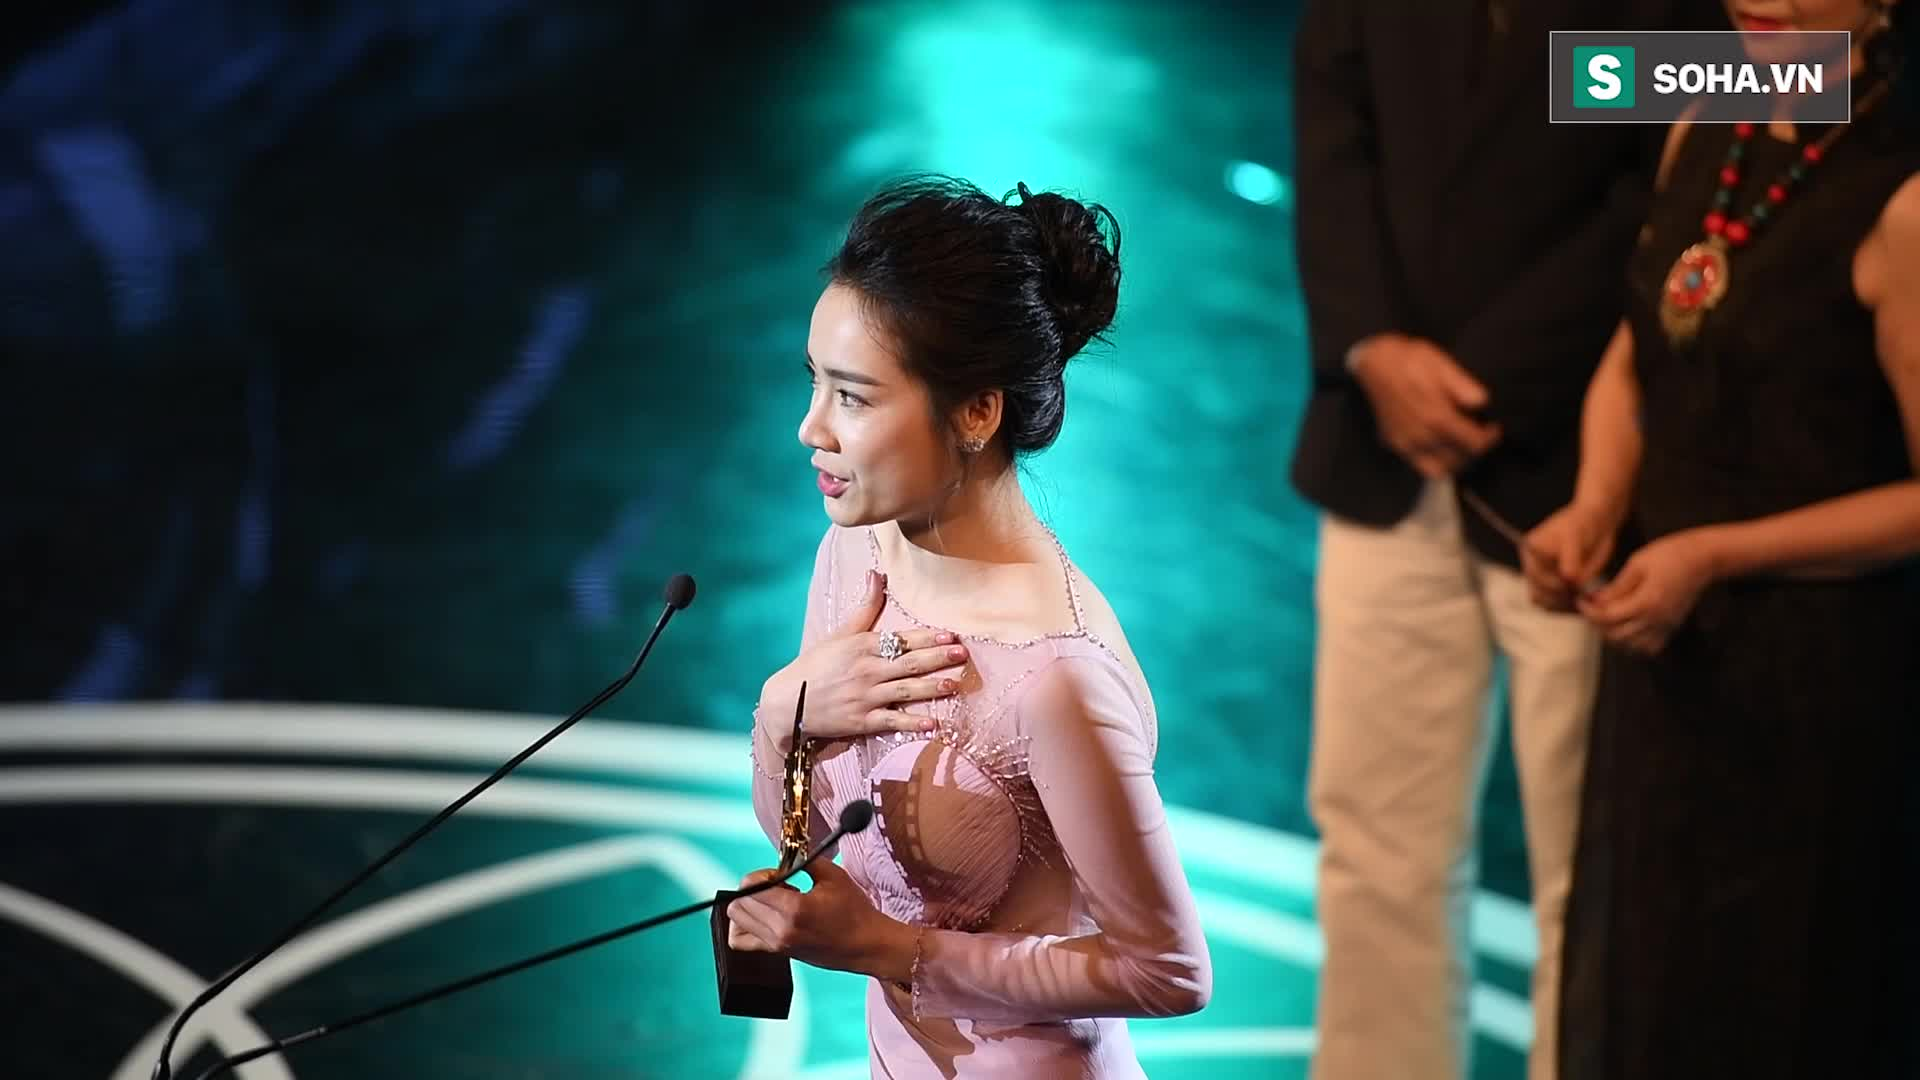 Nhã Phương bật khóc khi nhận giải Nữ chính xuất sắc.